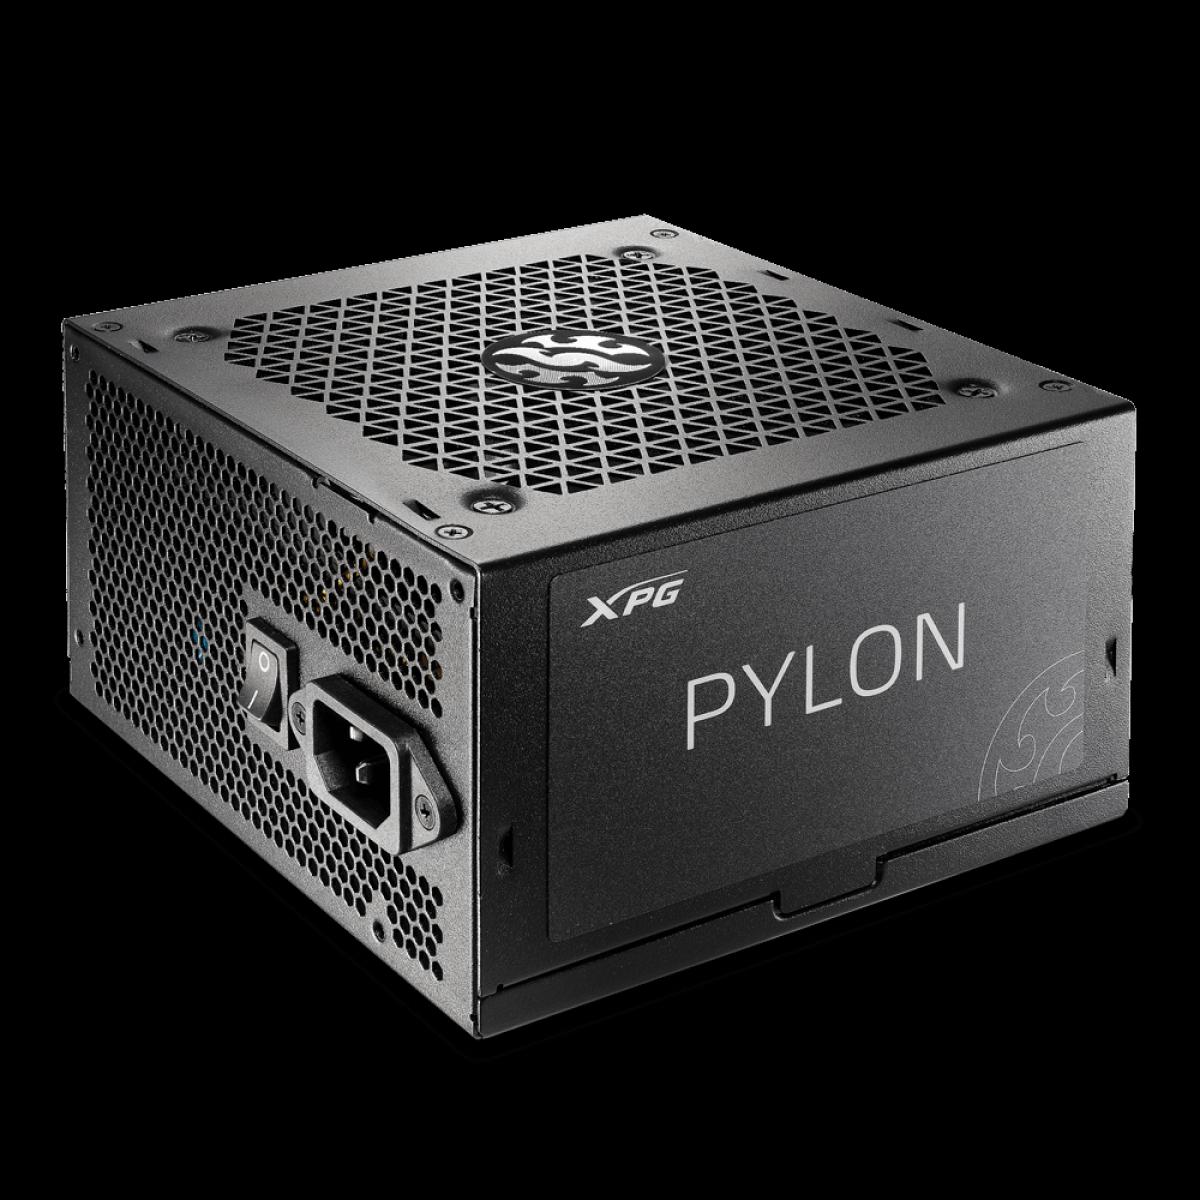 Fonte XPG, Pylon, 650W, 80 Plus Bronze, PFC Ativo